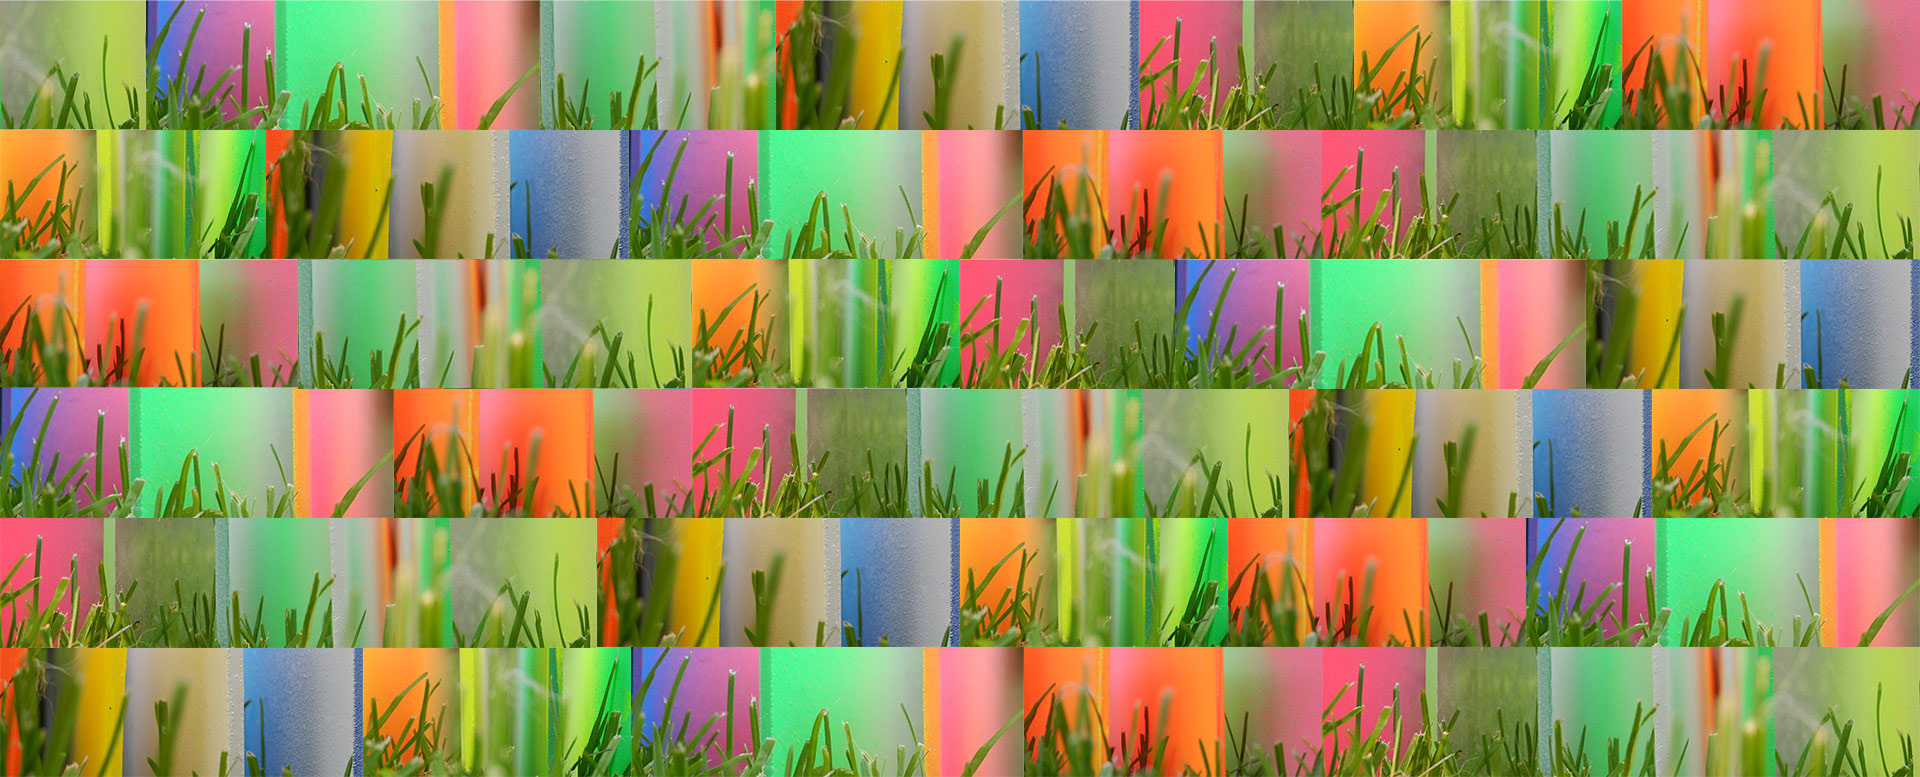 pixels-pattern-3